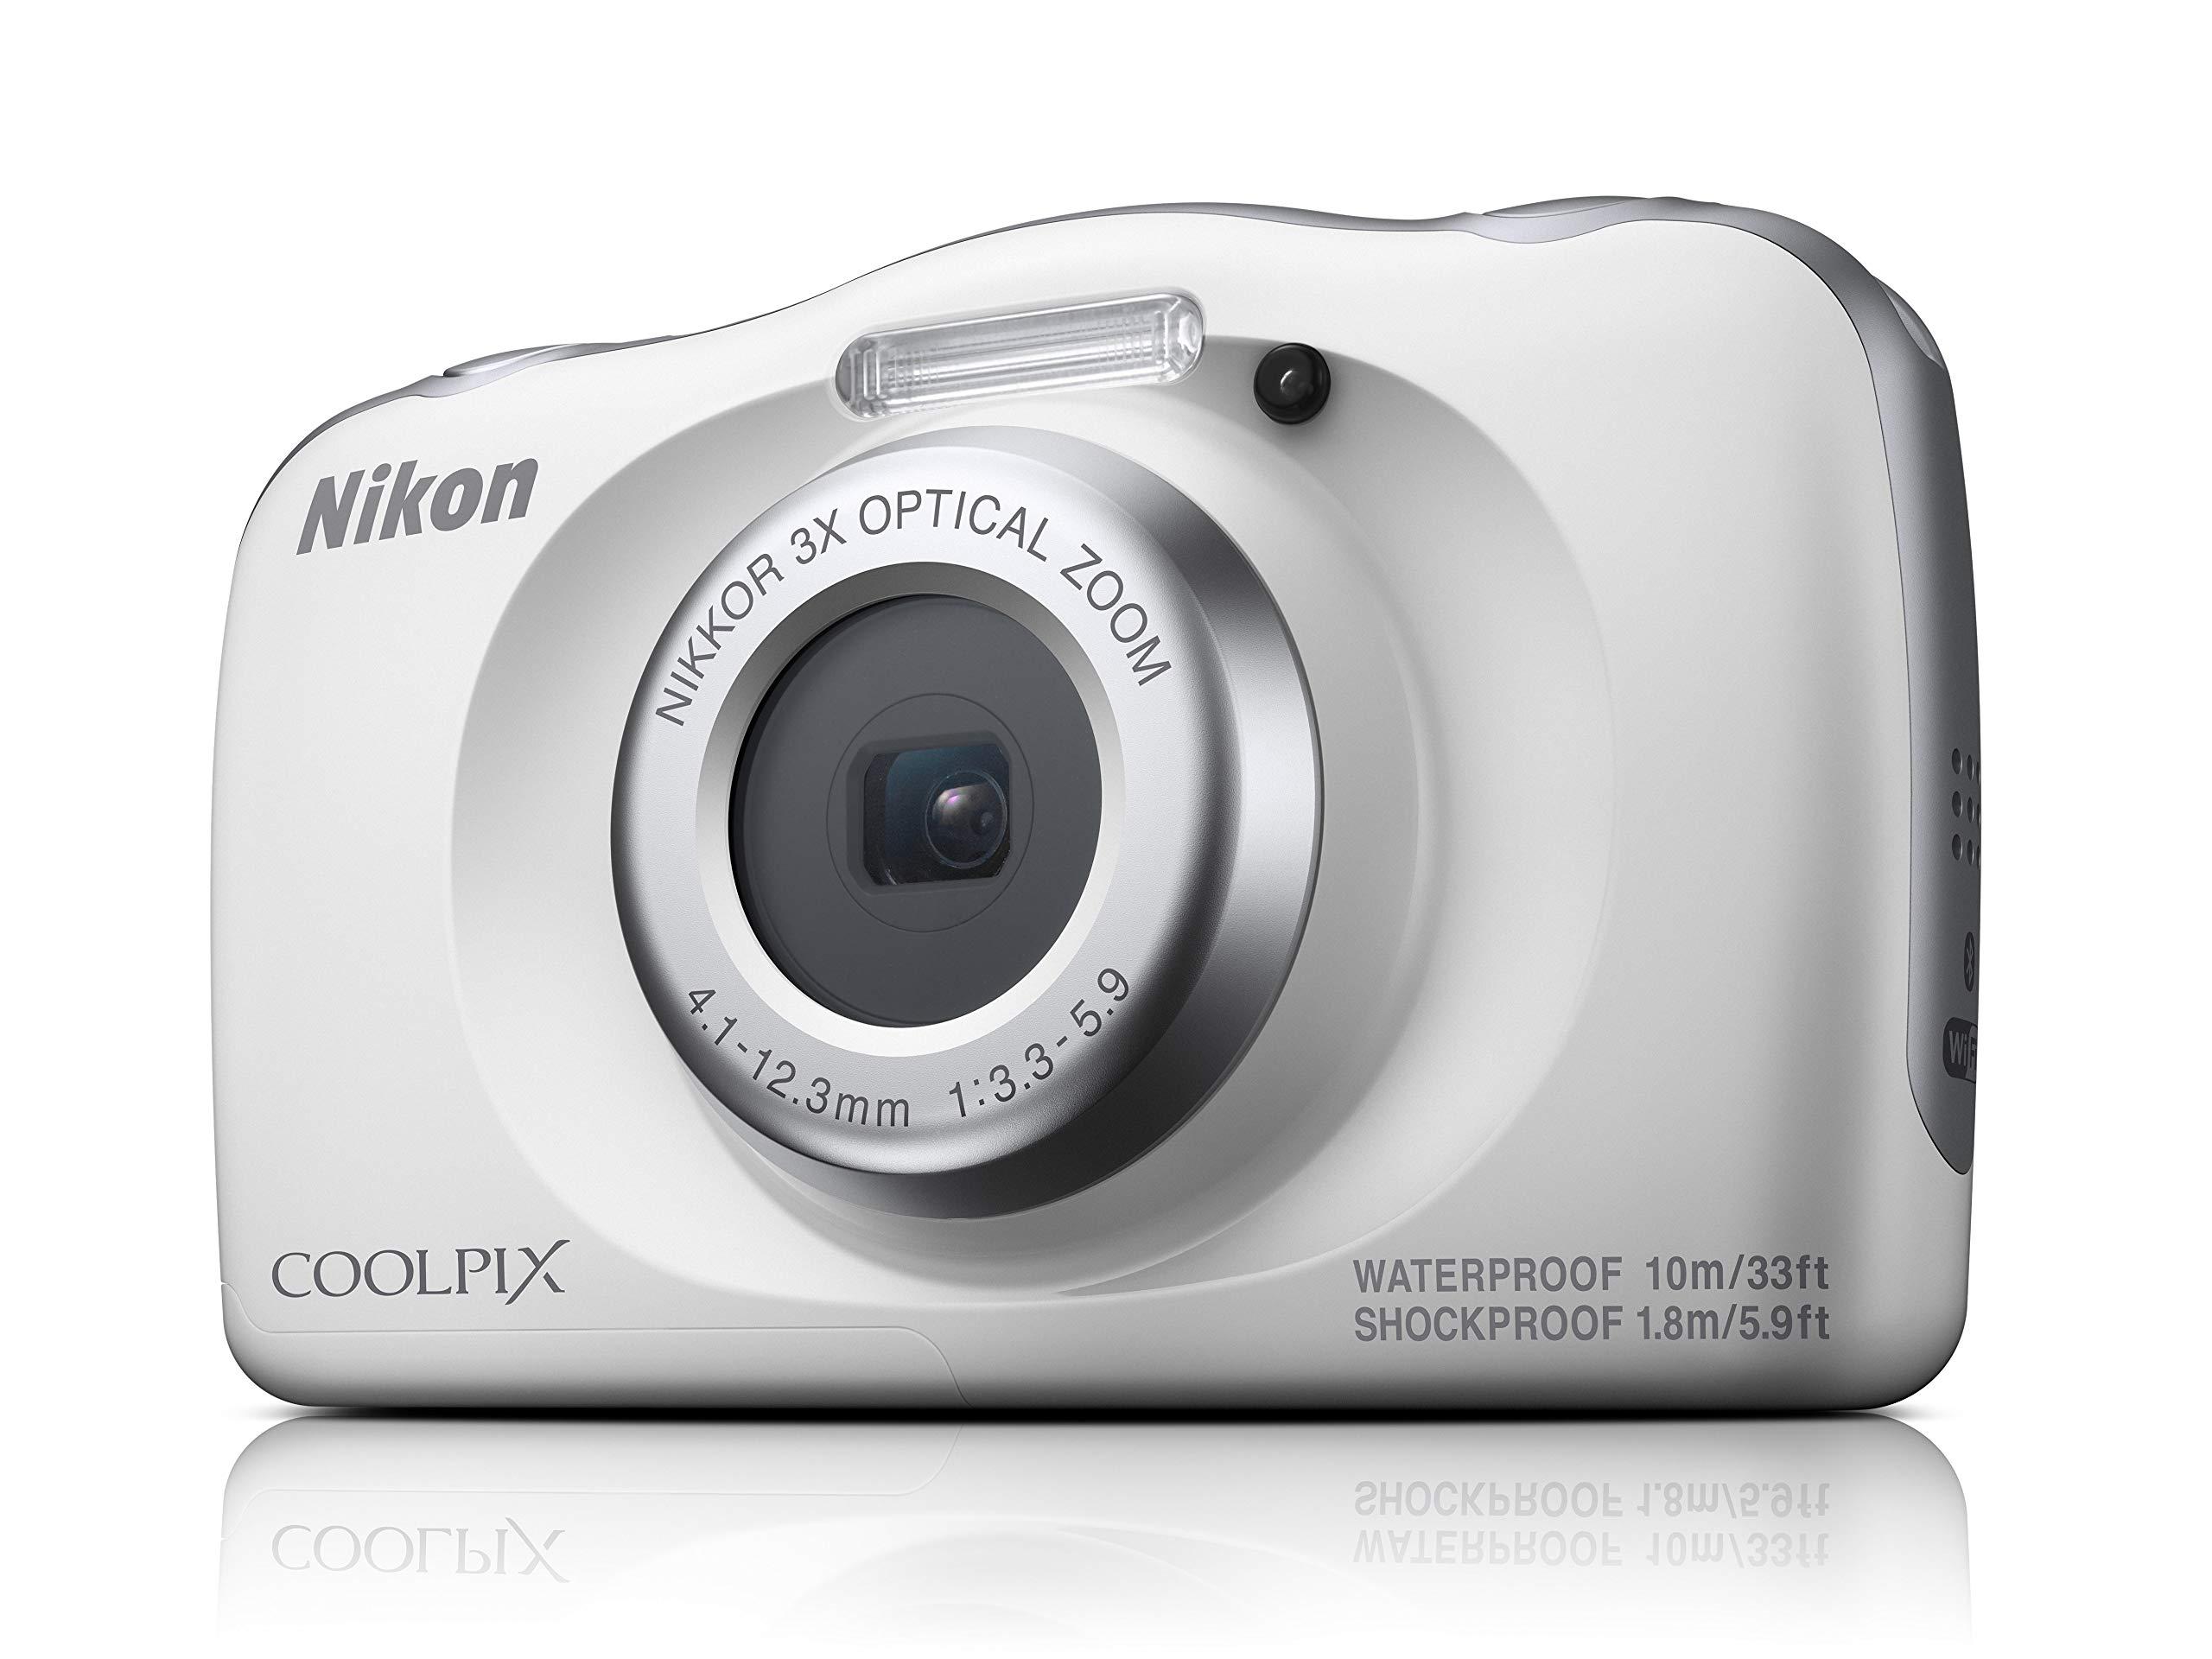 Coolpix W150 by Nikon